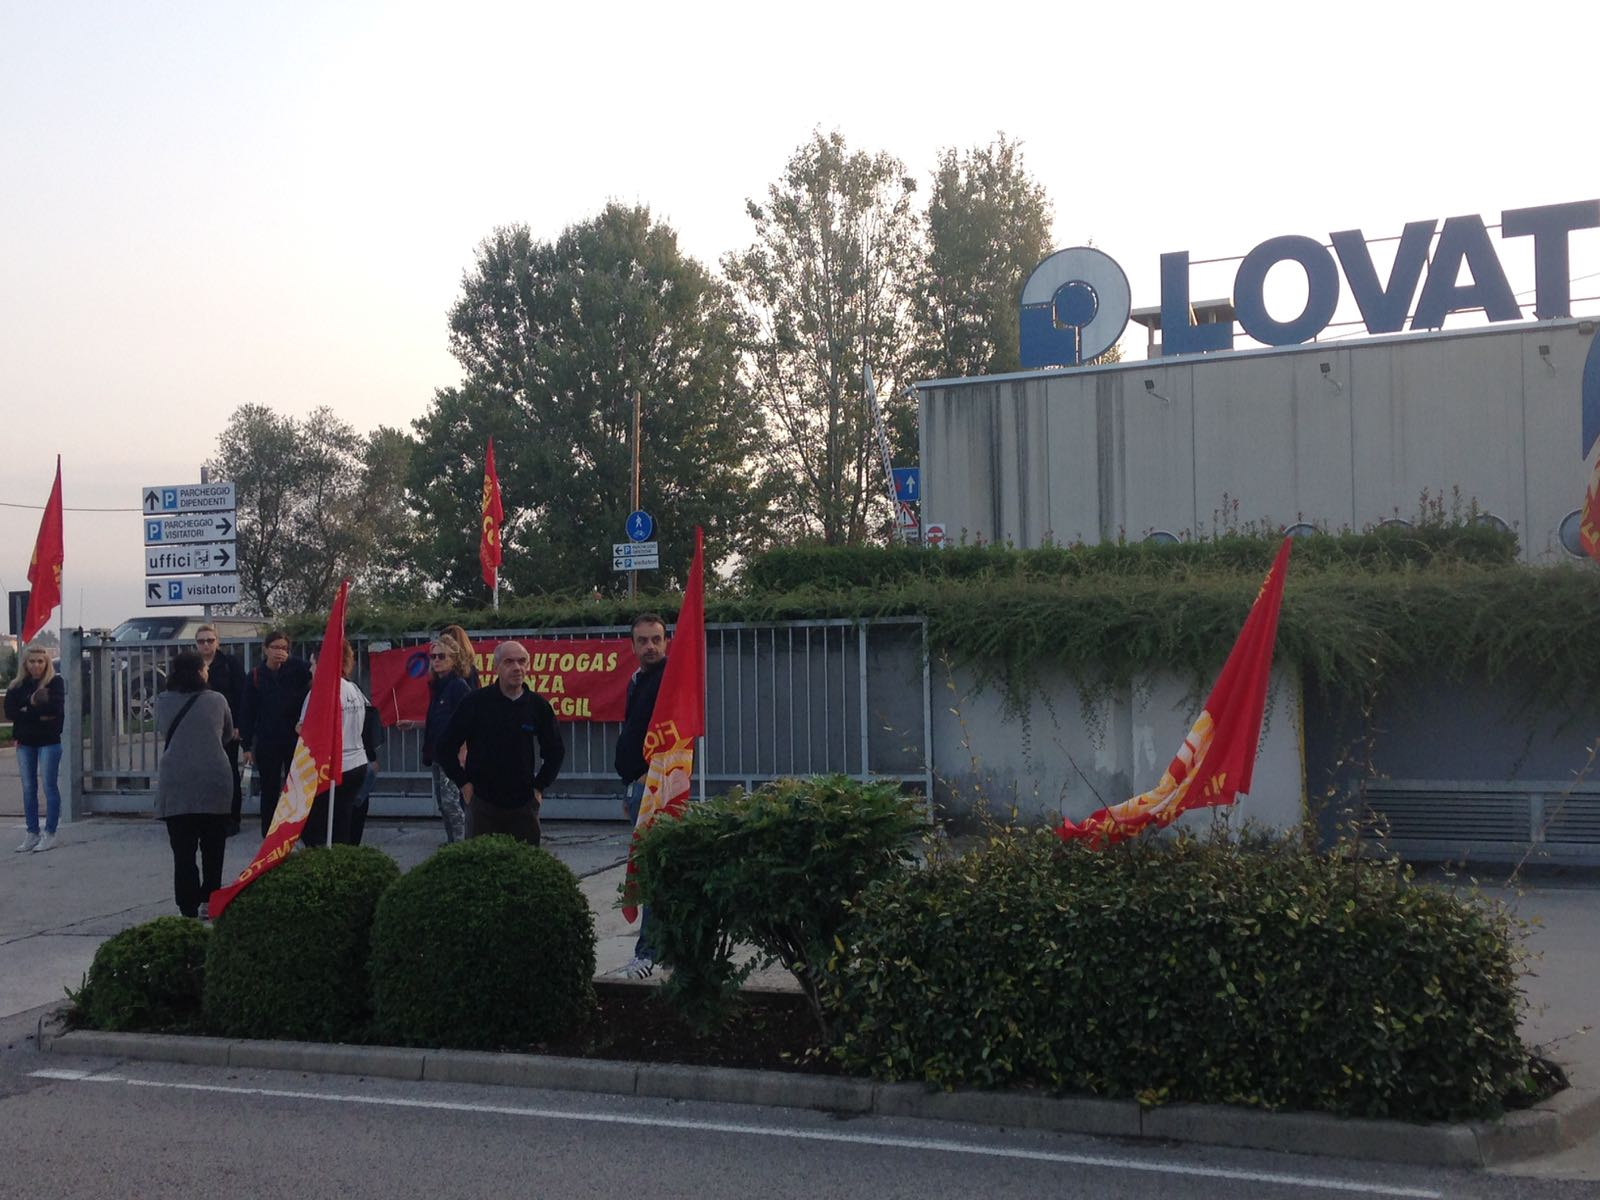 Lovato Gas